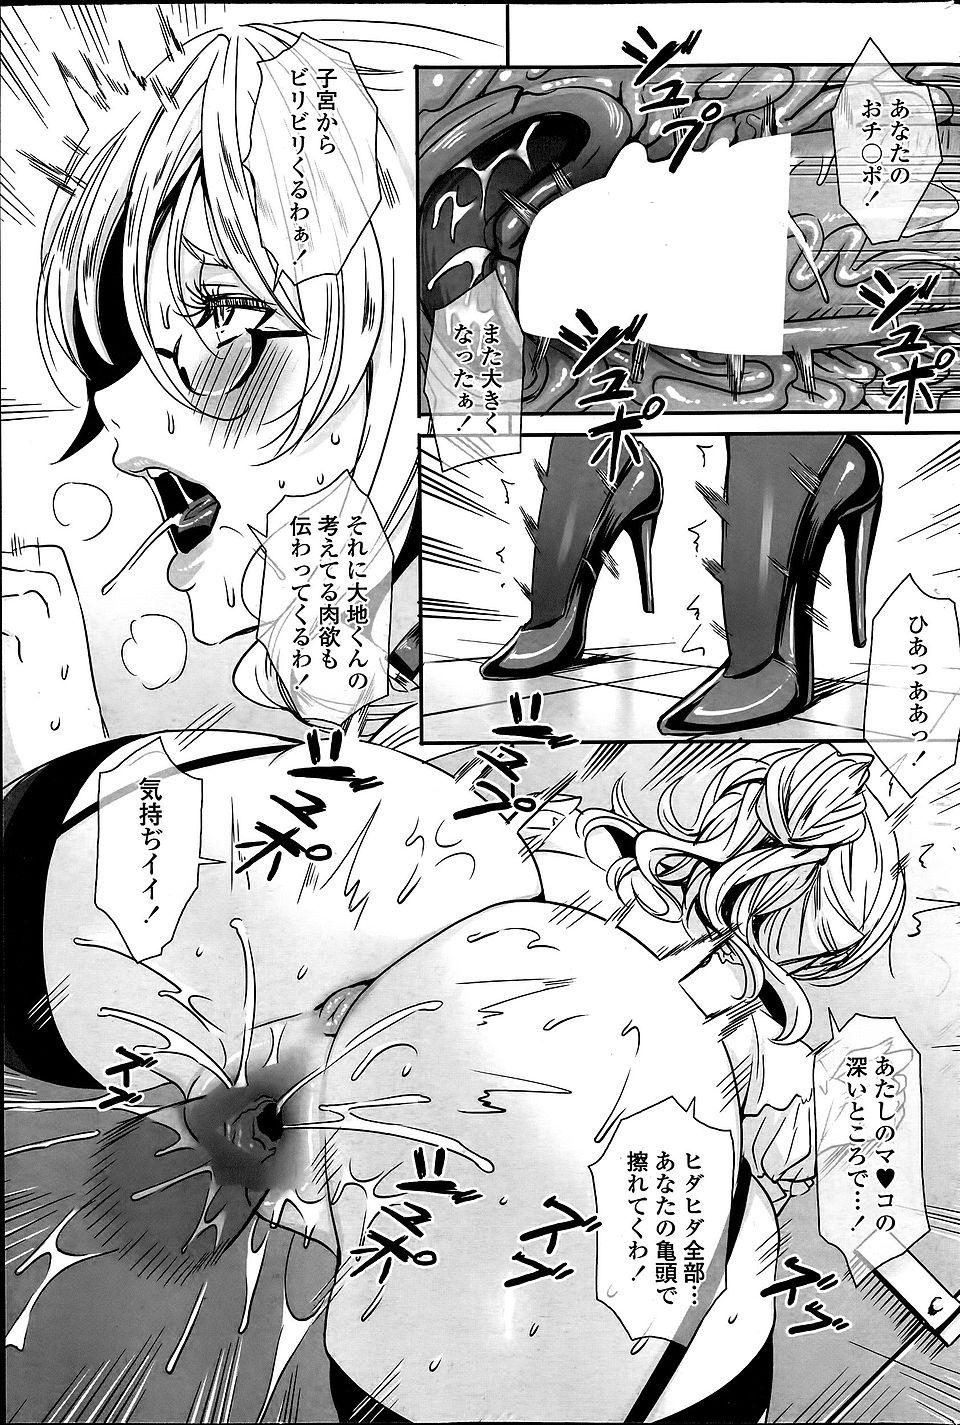 【エロ漫画・エロ同人誌】吸血鬼になったら性衝動が凄いから巨乳の先生とエッチしまくりwww (17)